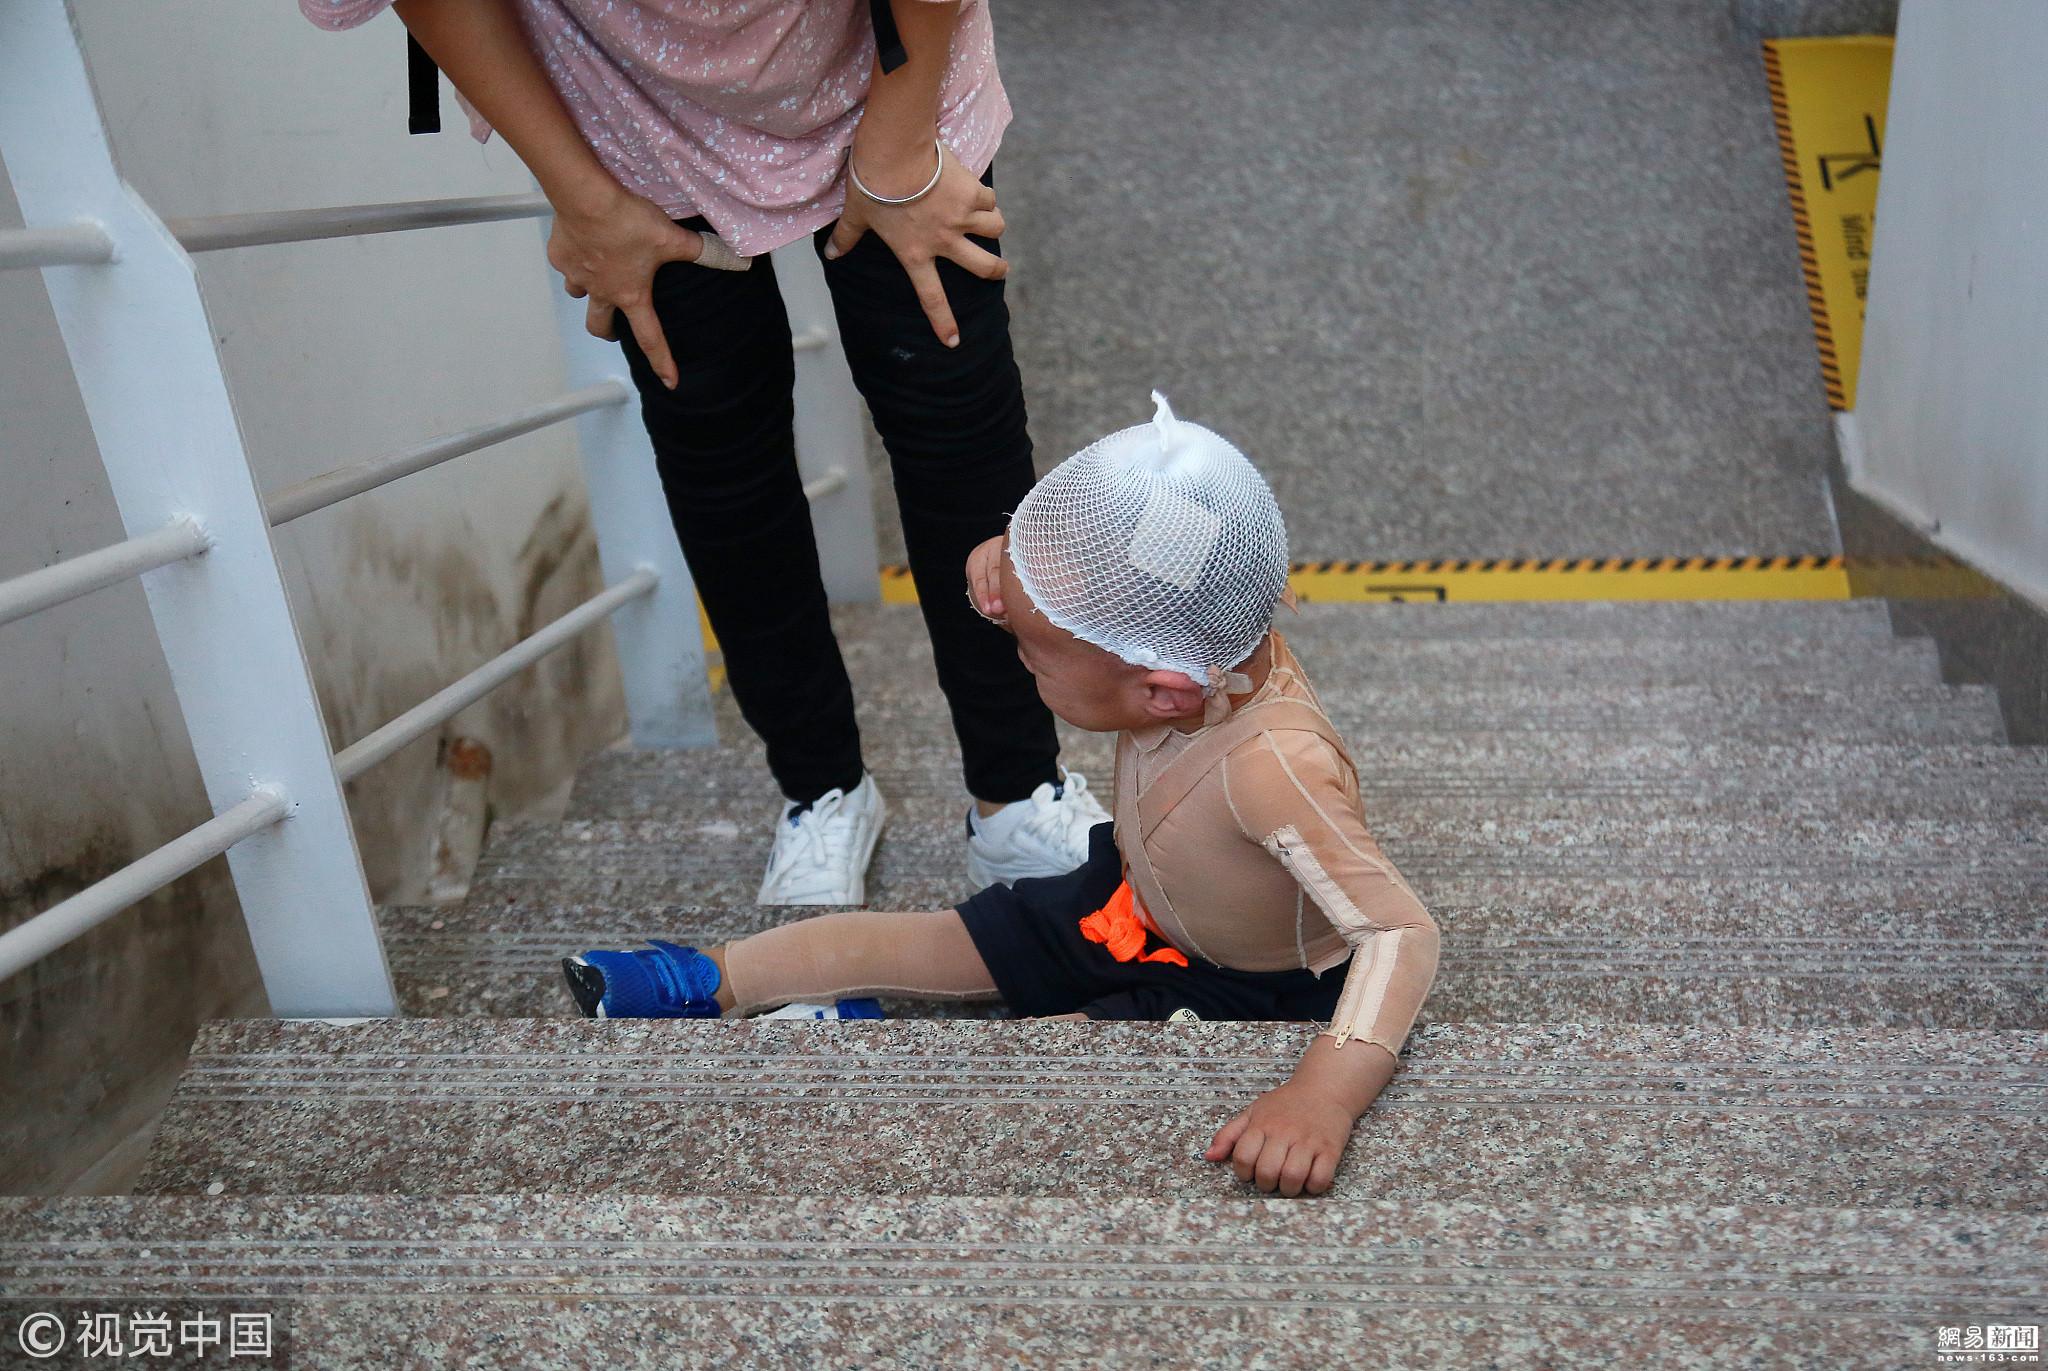 男童重度烫伤 妈妈逼其爬48层楼锻炼! - 周公乐 - xinhua8848 的博客